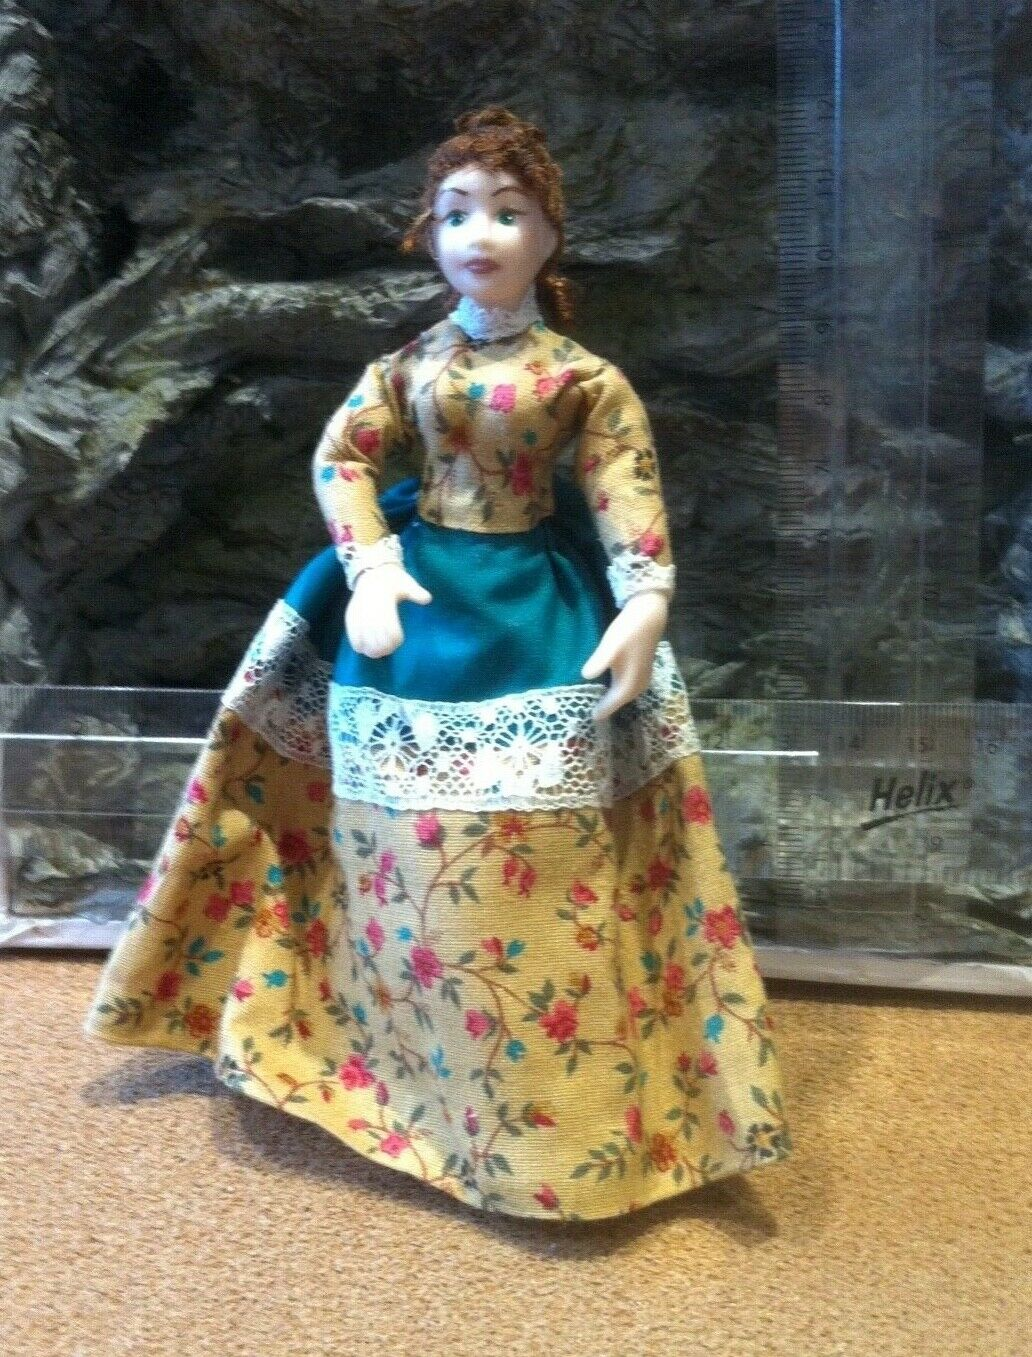 1 12th Escala Figura Femenina Hecho a Mano Poseable Muñeca en Floral Vestido Con Soporte